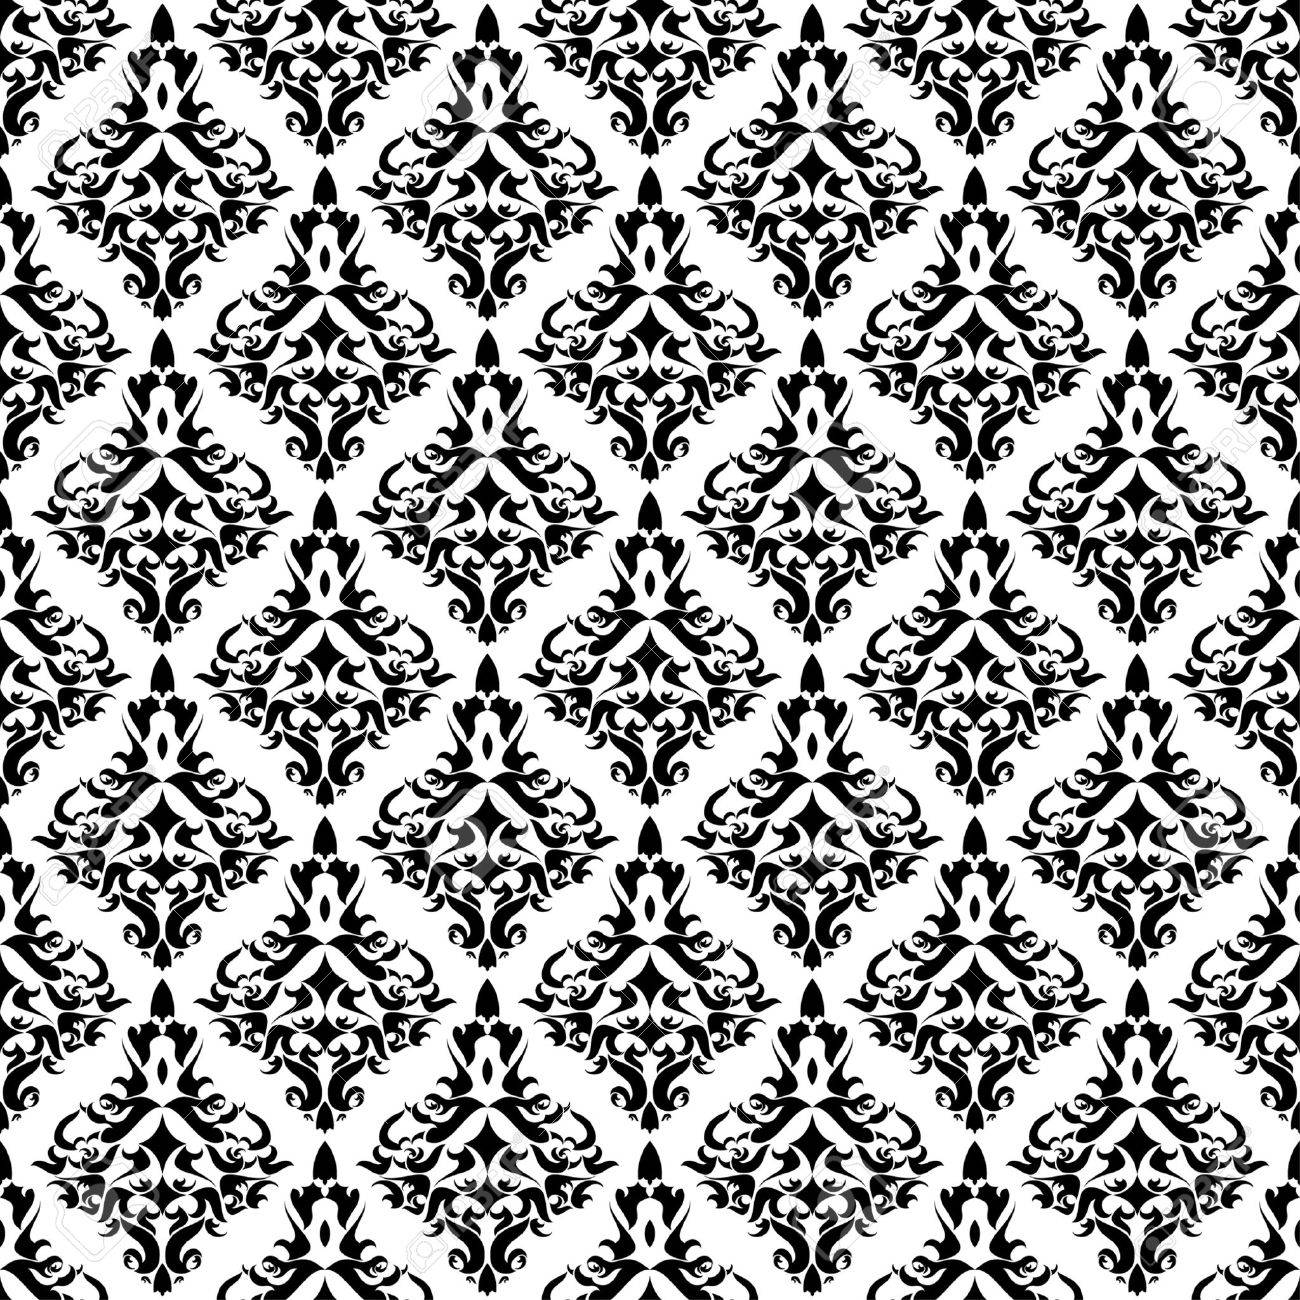 Vintage damask wallpaper - 8213550